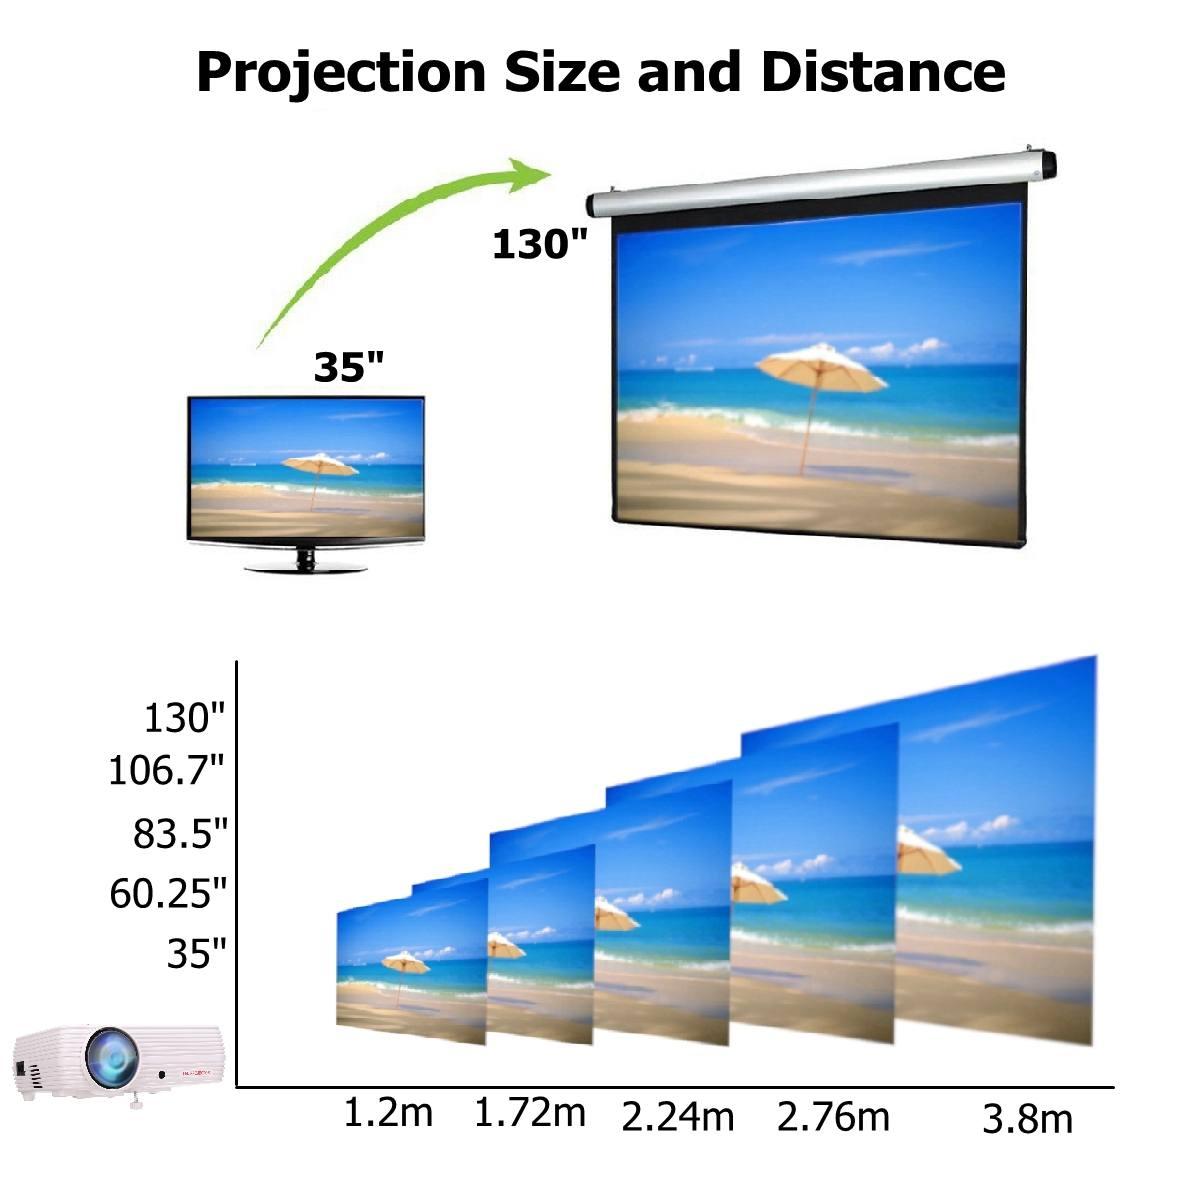 7000 Lumens projecteur Android 6.0.1 Wifi sans fil affichage Home cinéma Proyector soutien Full HD 1080P 4K vidéo avec HDMI - 5